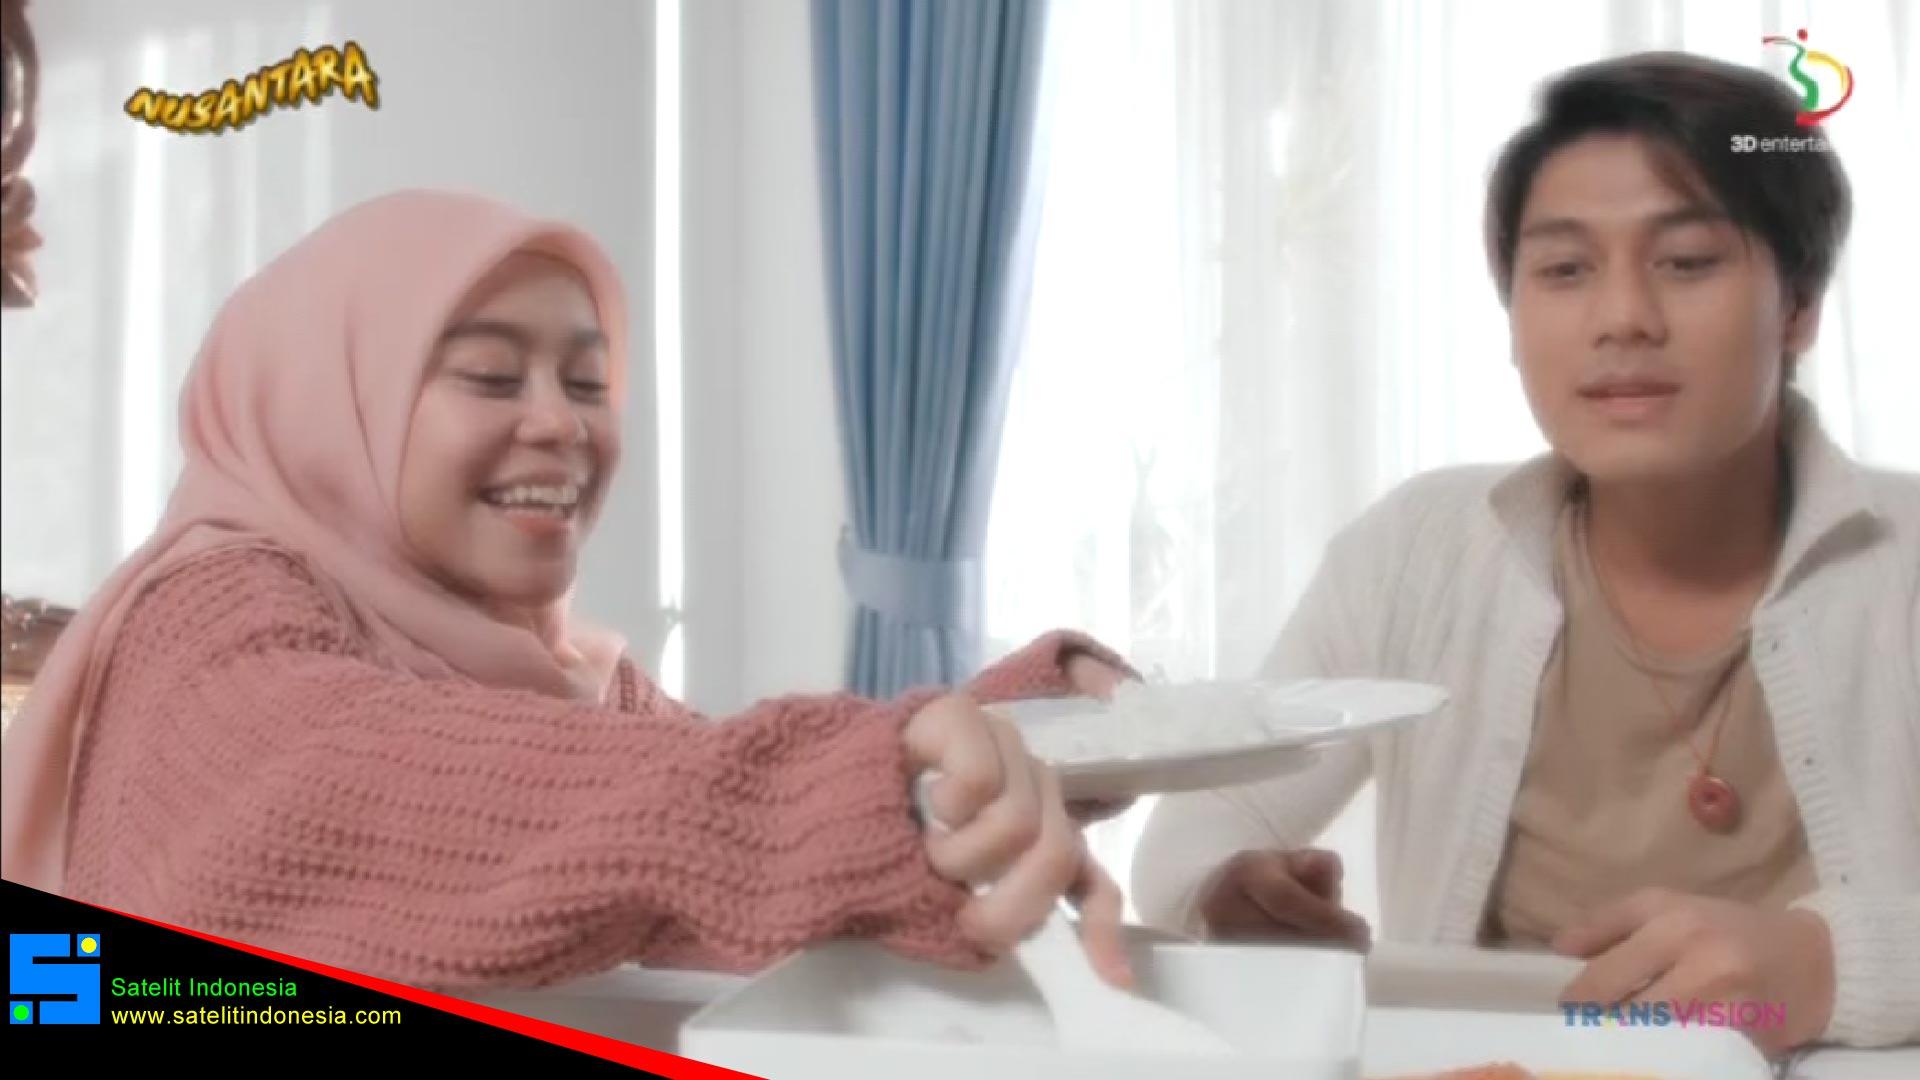 Frekuensi siaran Nusantara di satelit Telkom 4 Terbaru